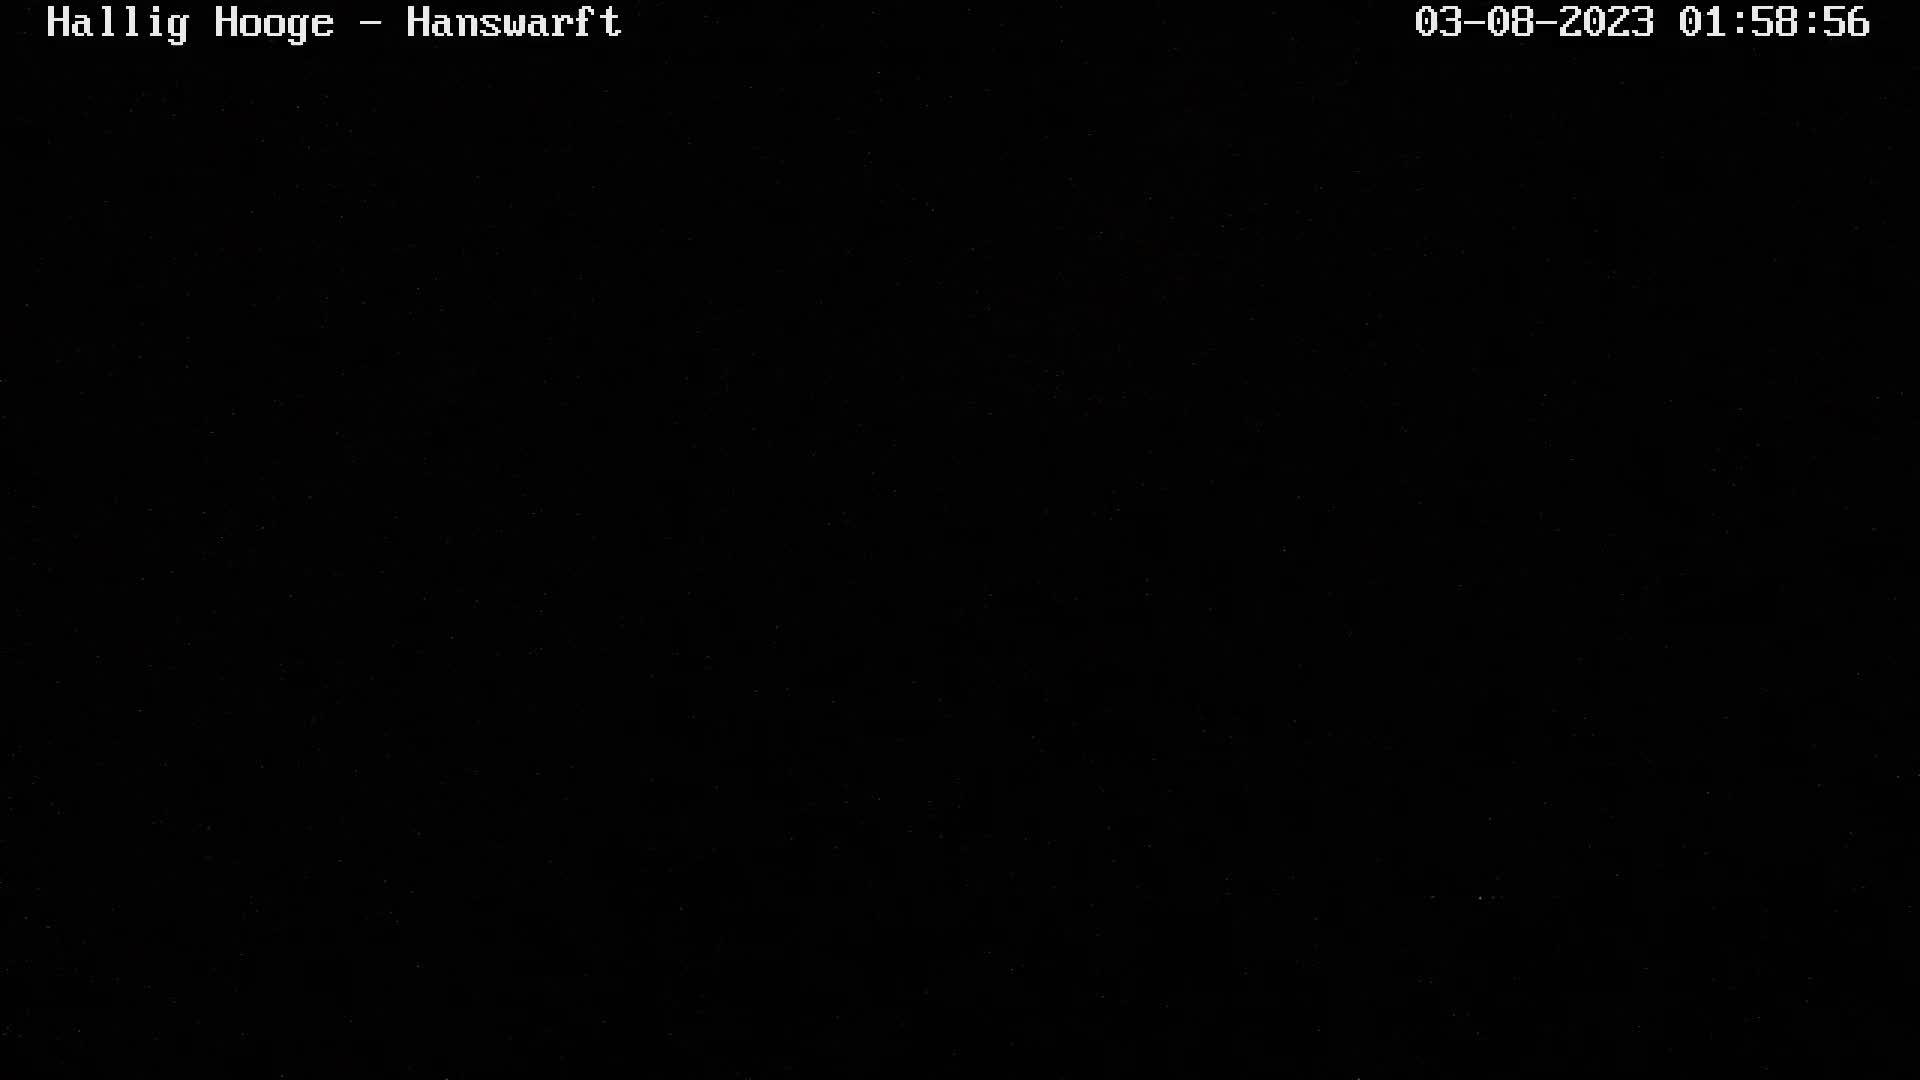 Vorschaubild der Webcam